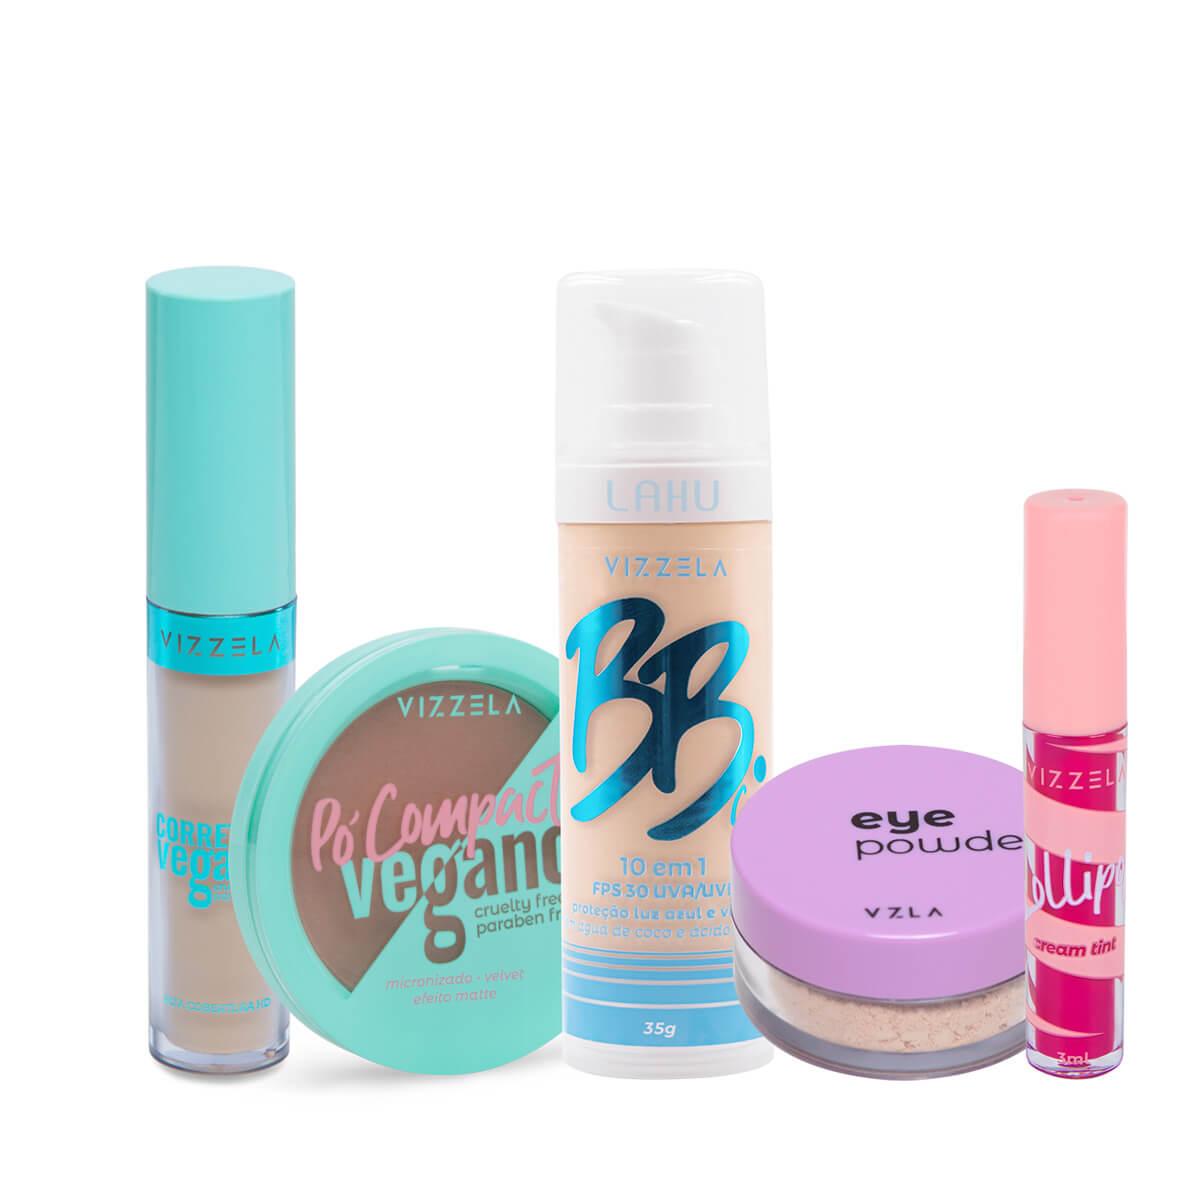 Pele Perfeita Kit de Maquiagem para o dia a dia Vizzela